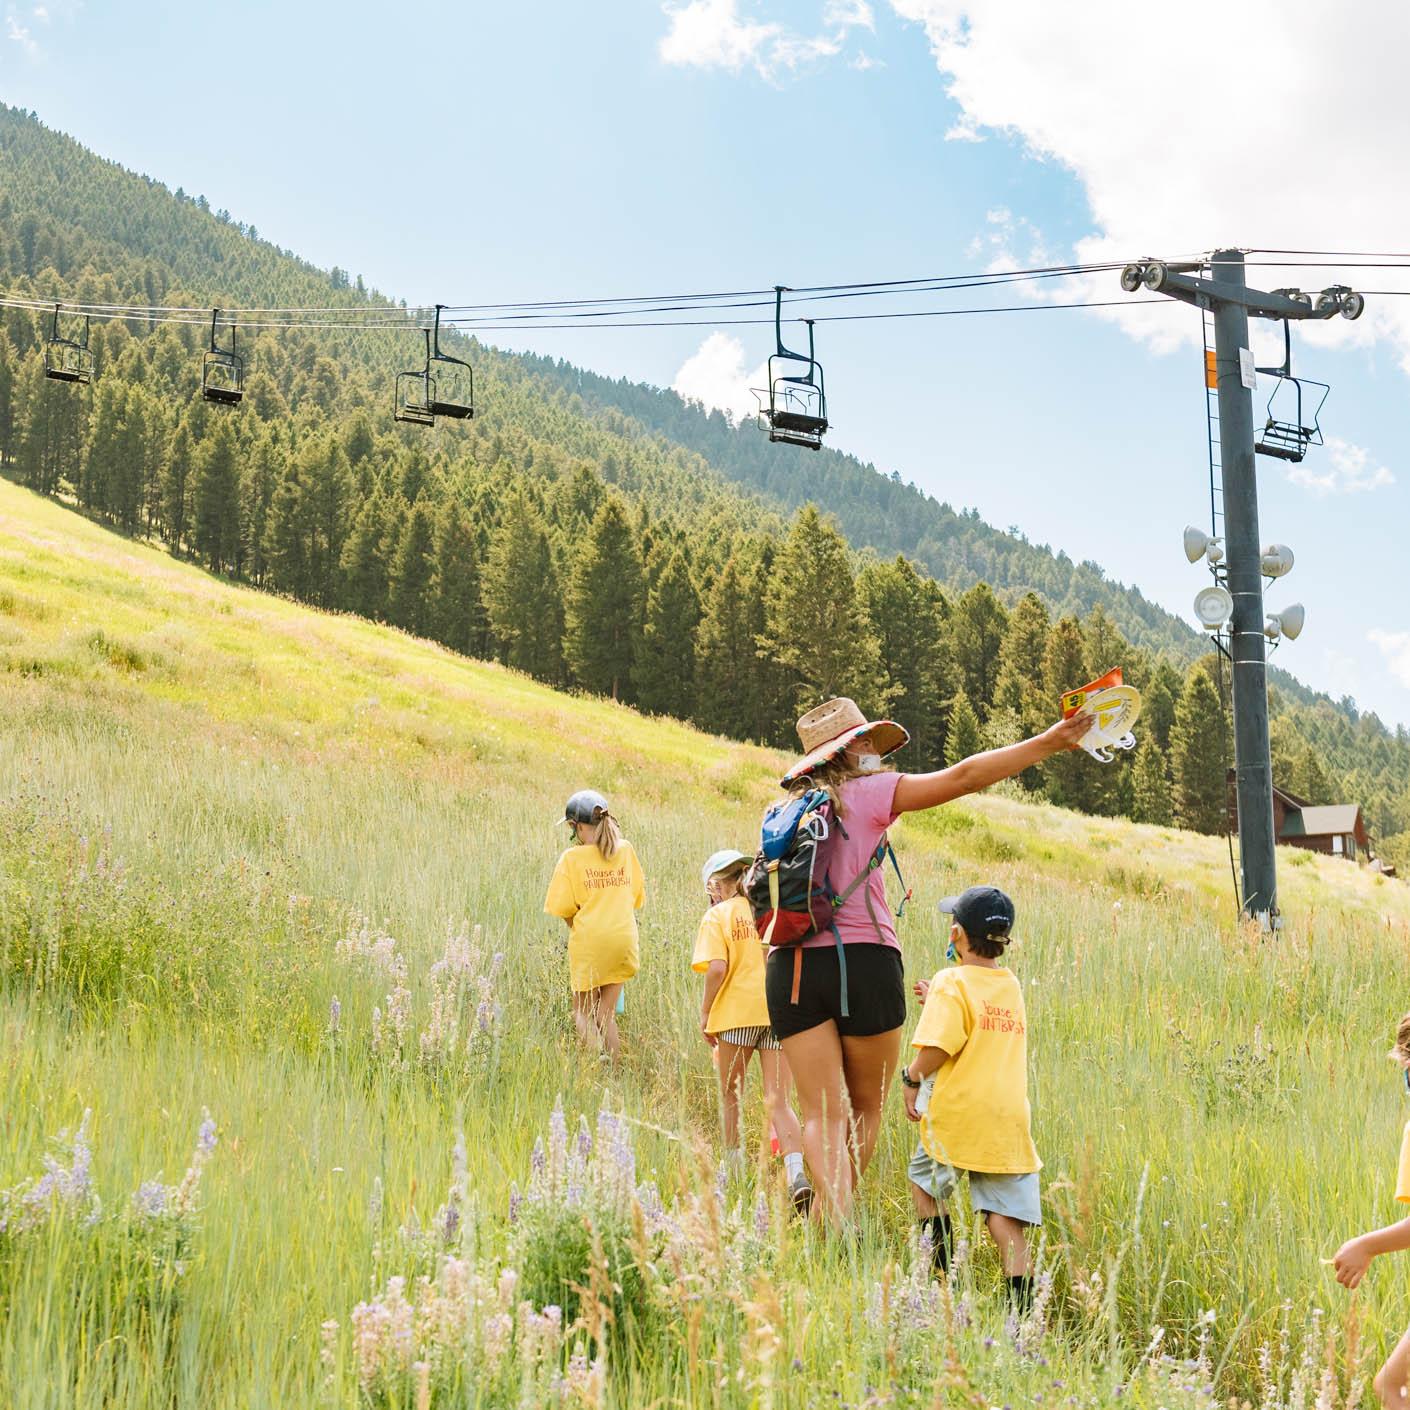 Jackson Hole Basecamp hiking